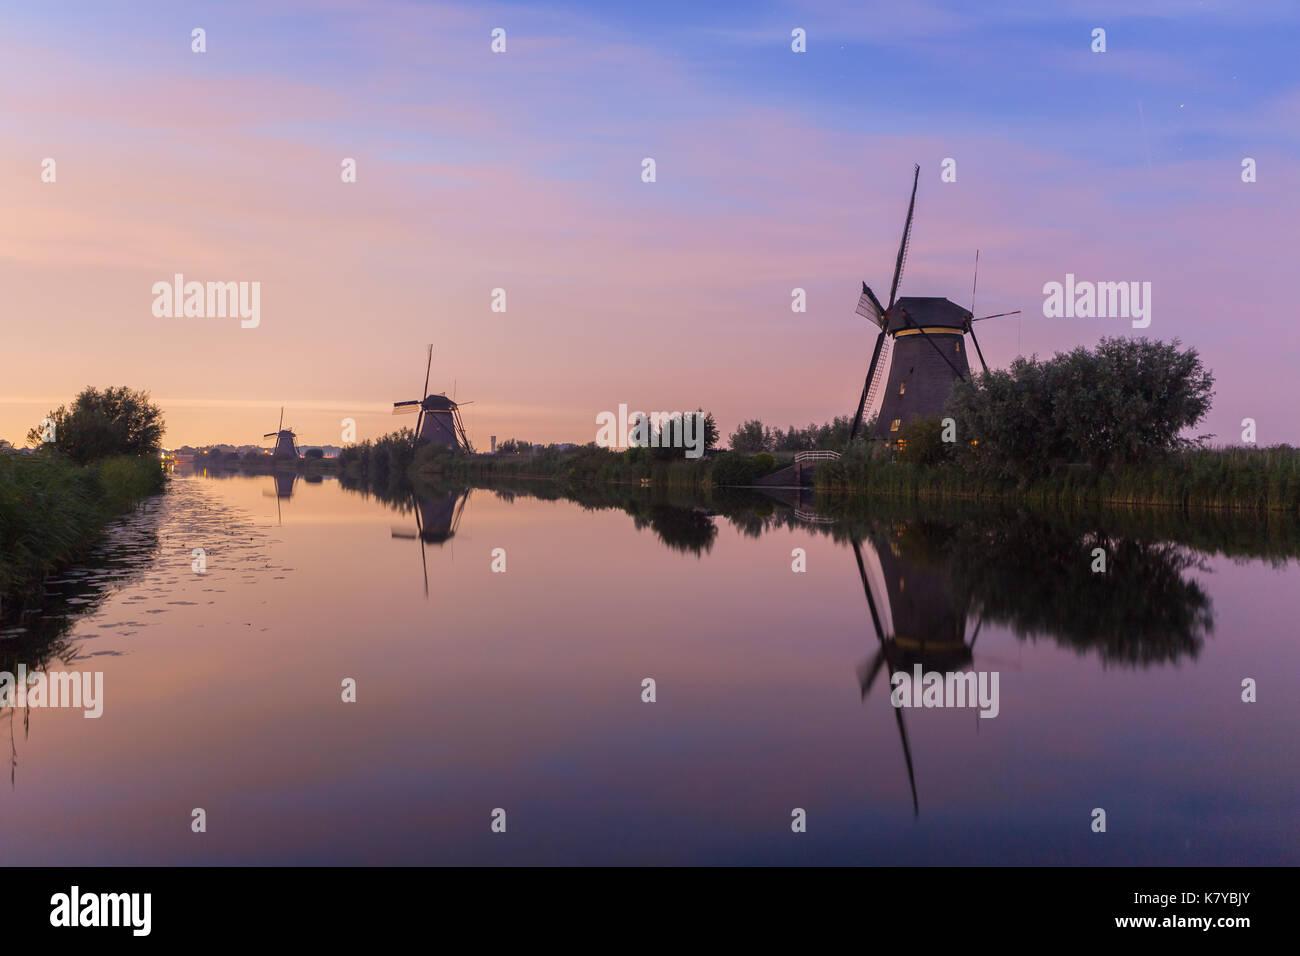 Mulini a vento di kinderdijk, un sito del patrimonio mondiale di UNESCO, sono schierate al waterside al tramonto. Oltre a mulini a vento, il sito mostra vari altri fea Immagini Stock